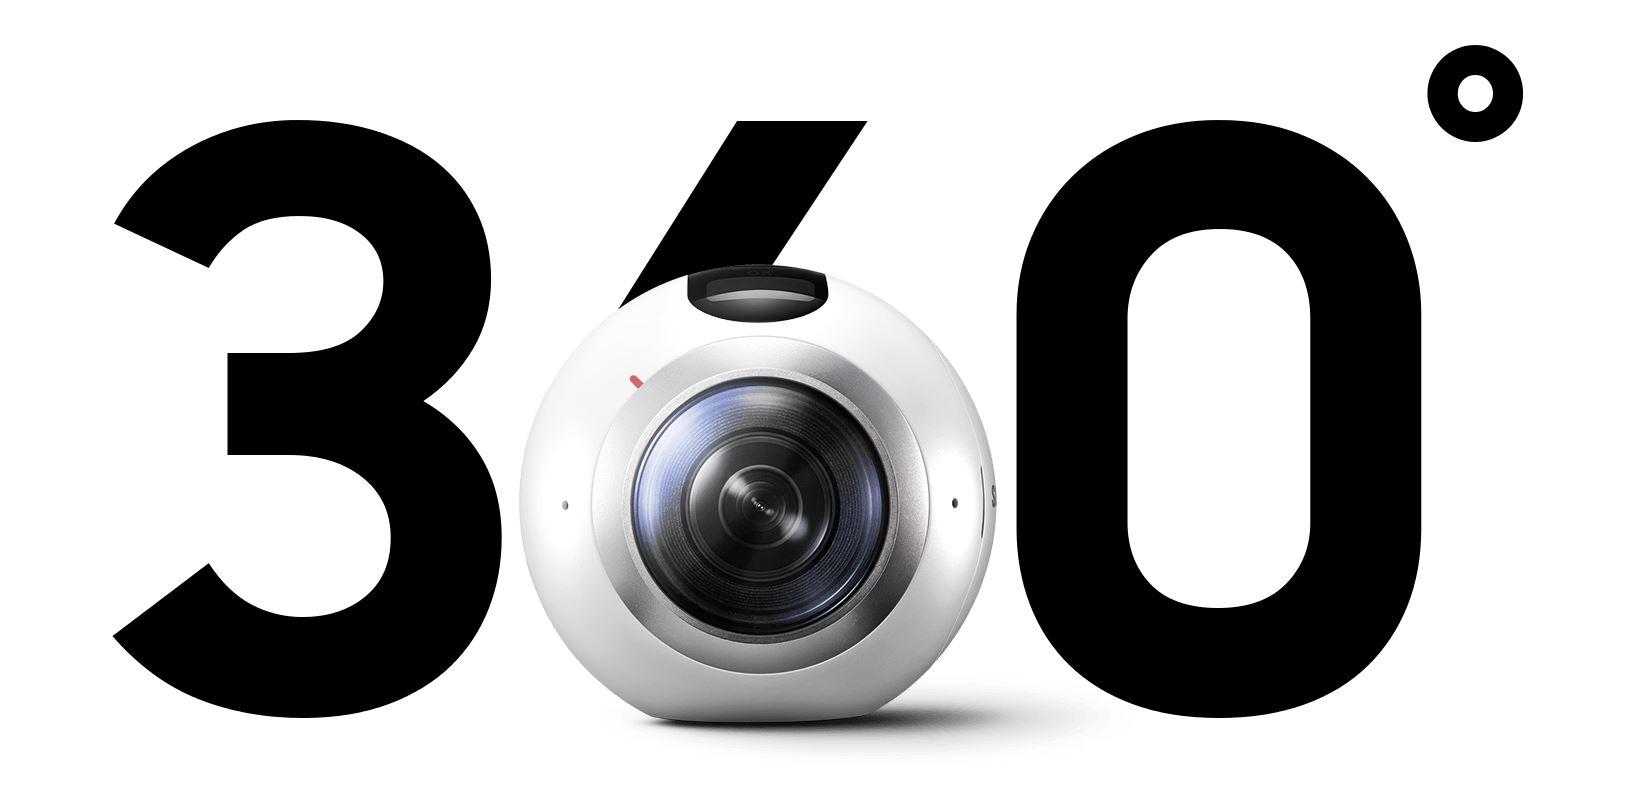 Samsung Gear 360 Datenblatt Vergleich Mit Gopro Videos Und Mehr